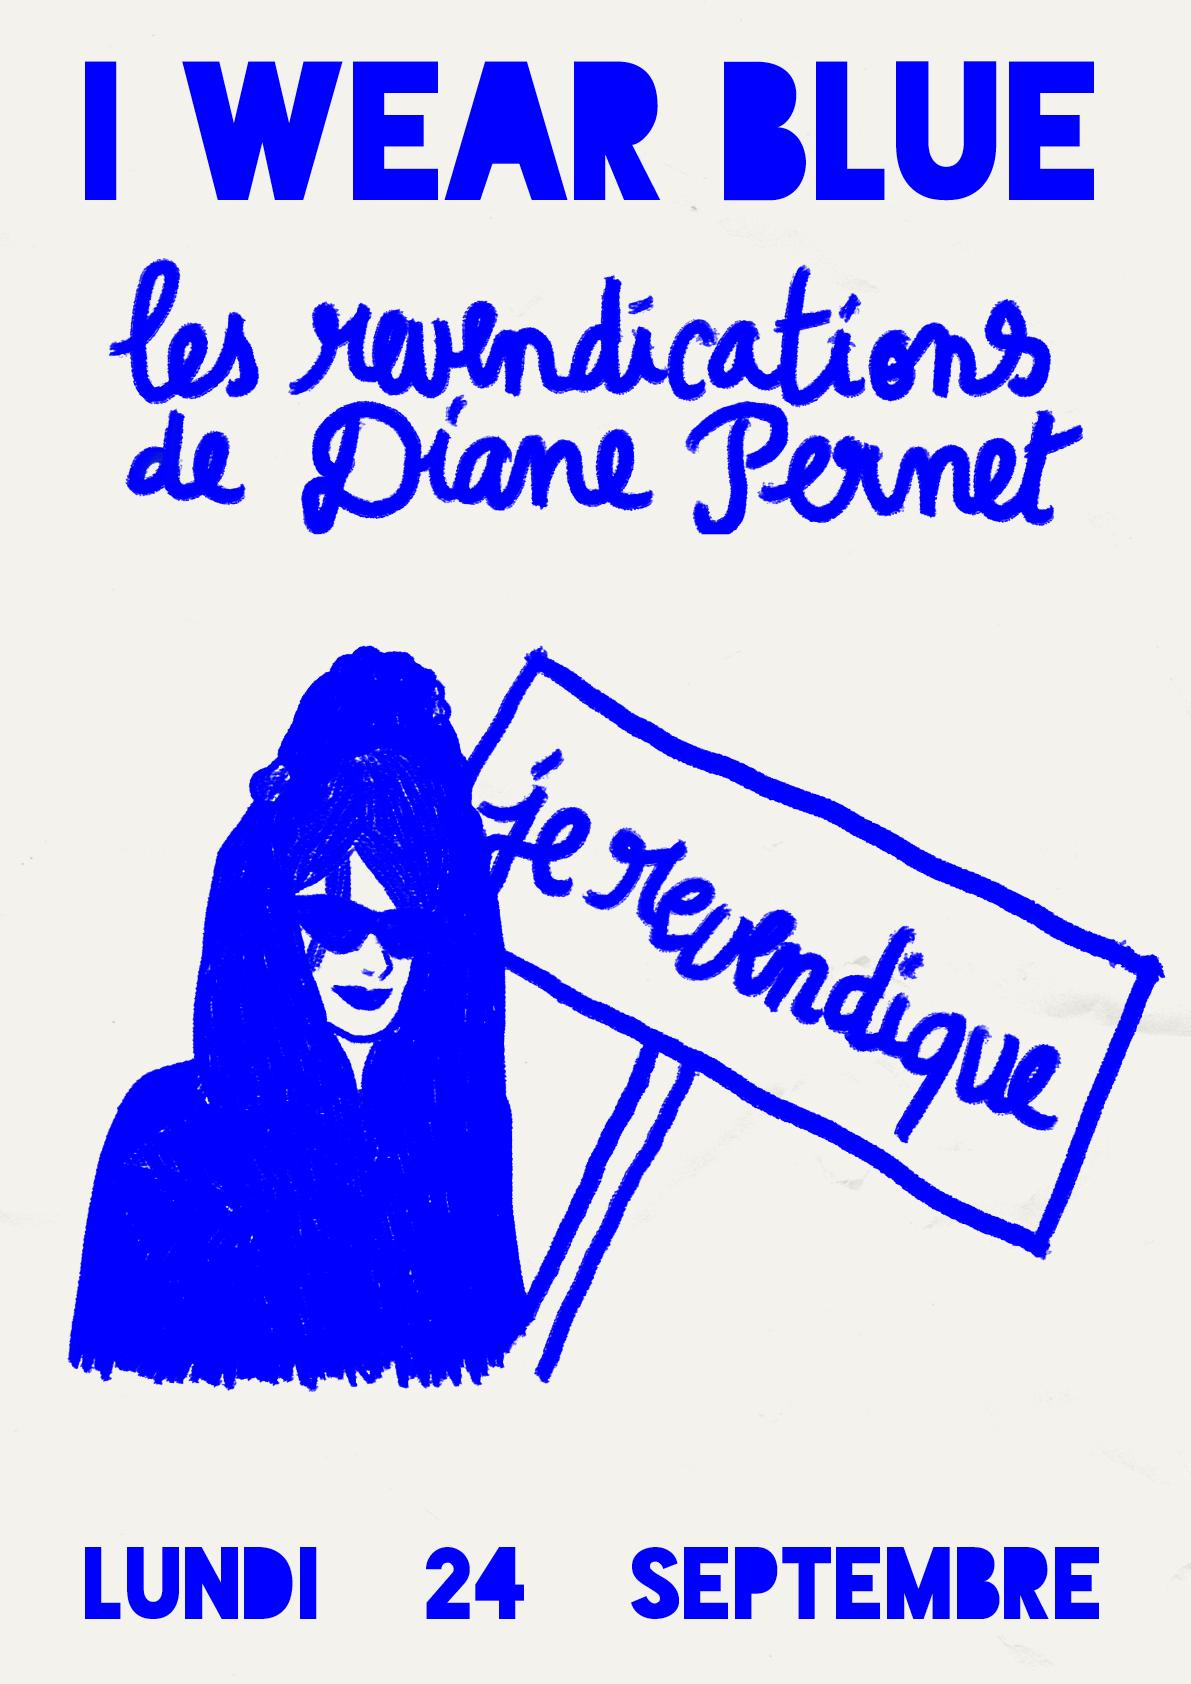 Les Revendications de Diane Pernet - Les Revendications de Diane PernetAfterwork: 6 - 8 pmConference and Q&A with Diane Pernet on new technologiesCocktail party